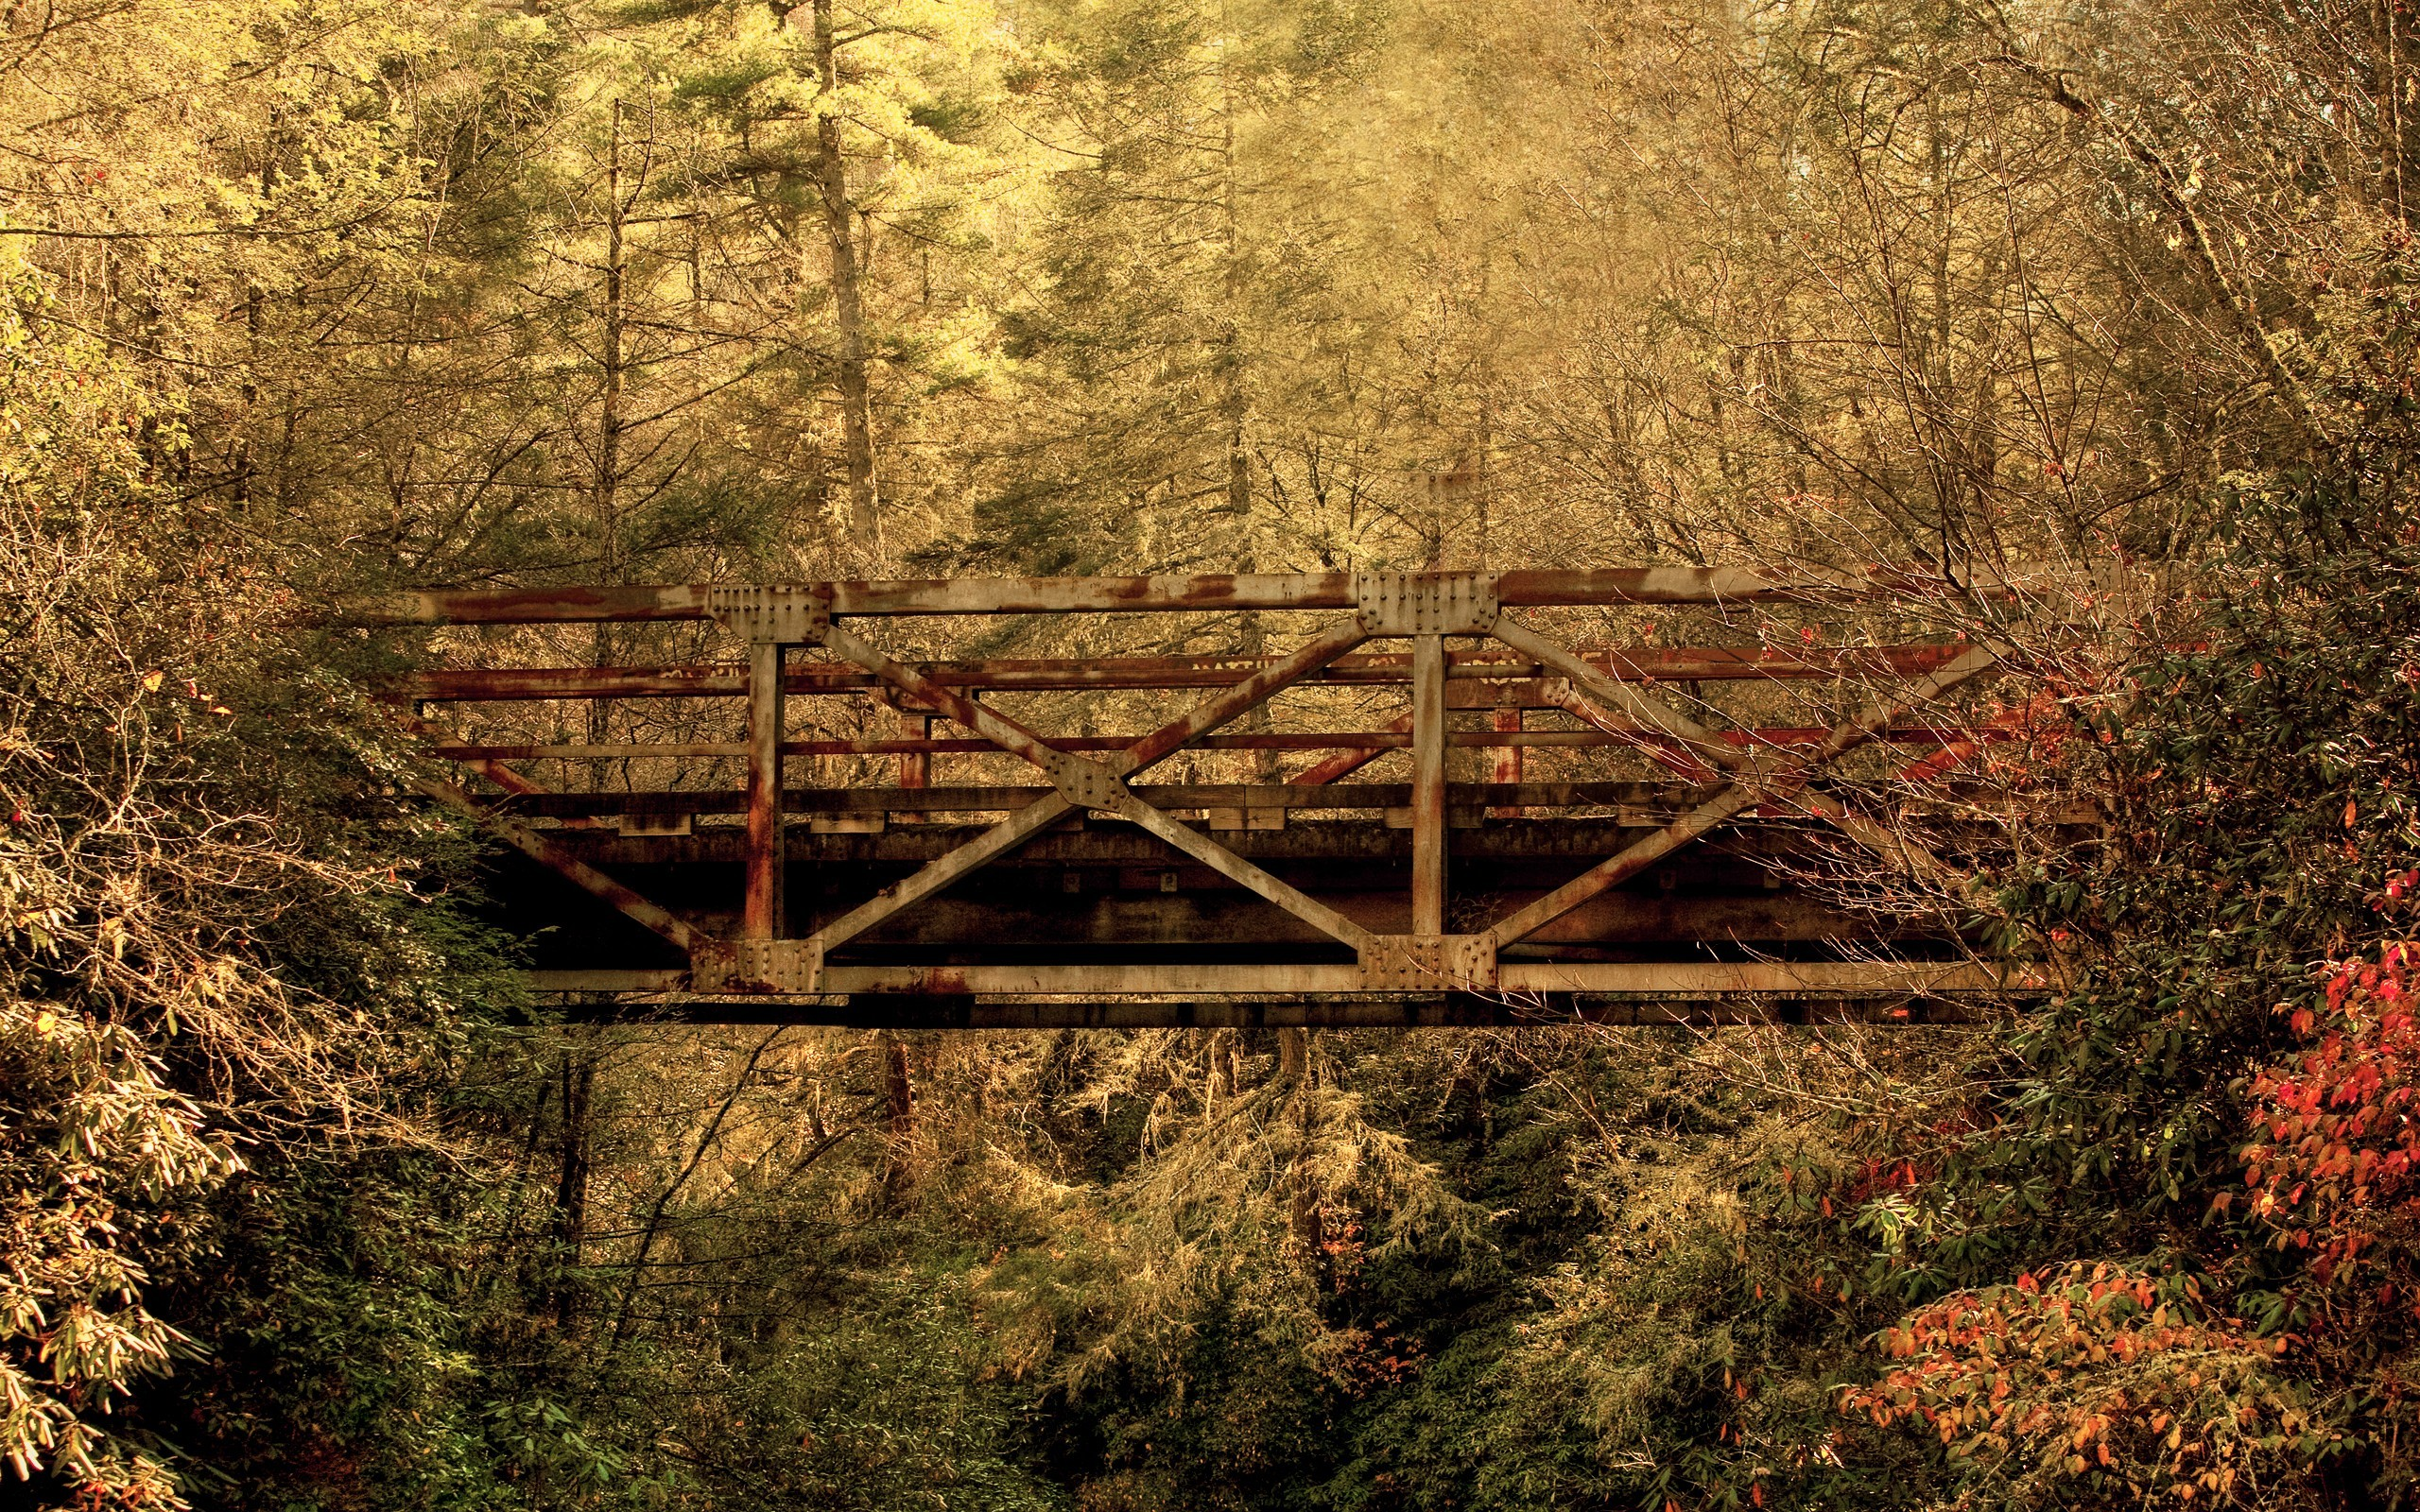 Заброшенная дорога в лесу  № 1103834 загрузить